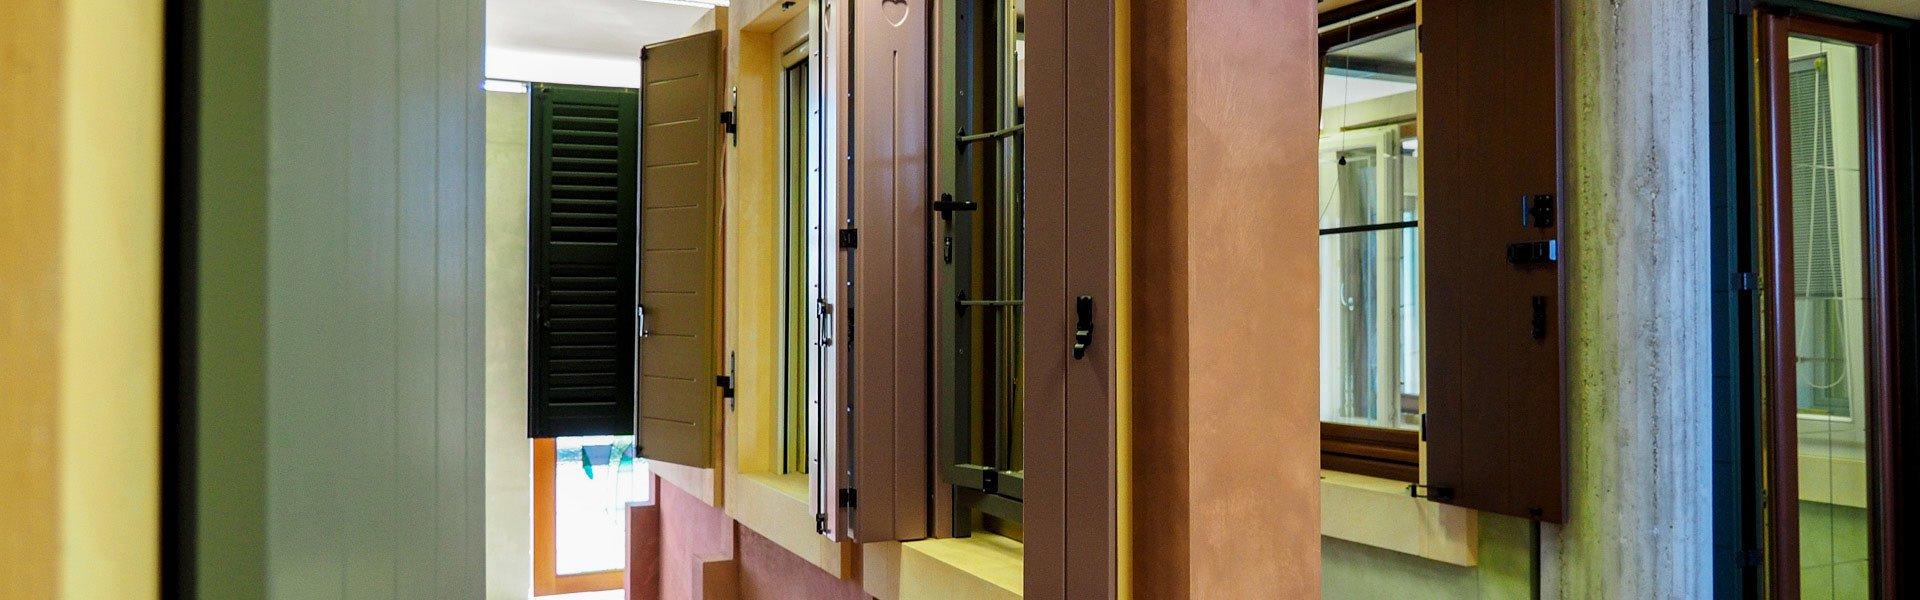 Finestre pvc verona e mantova realizzate in pvc o alluminio - Finestre pvc costo ...